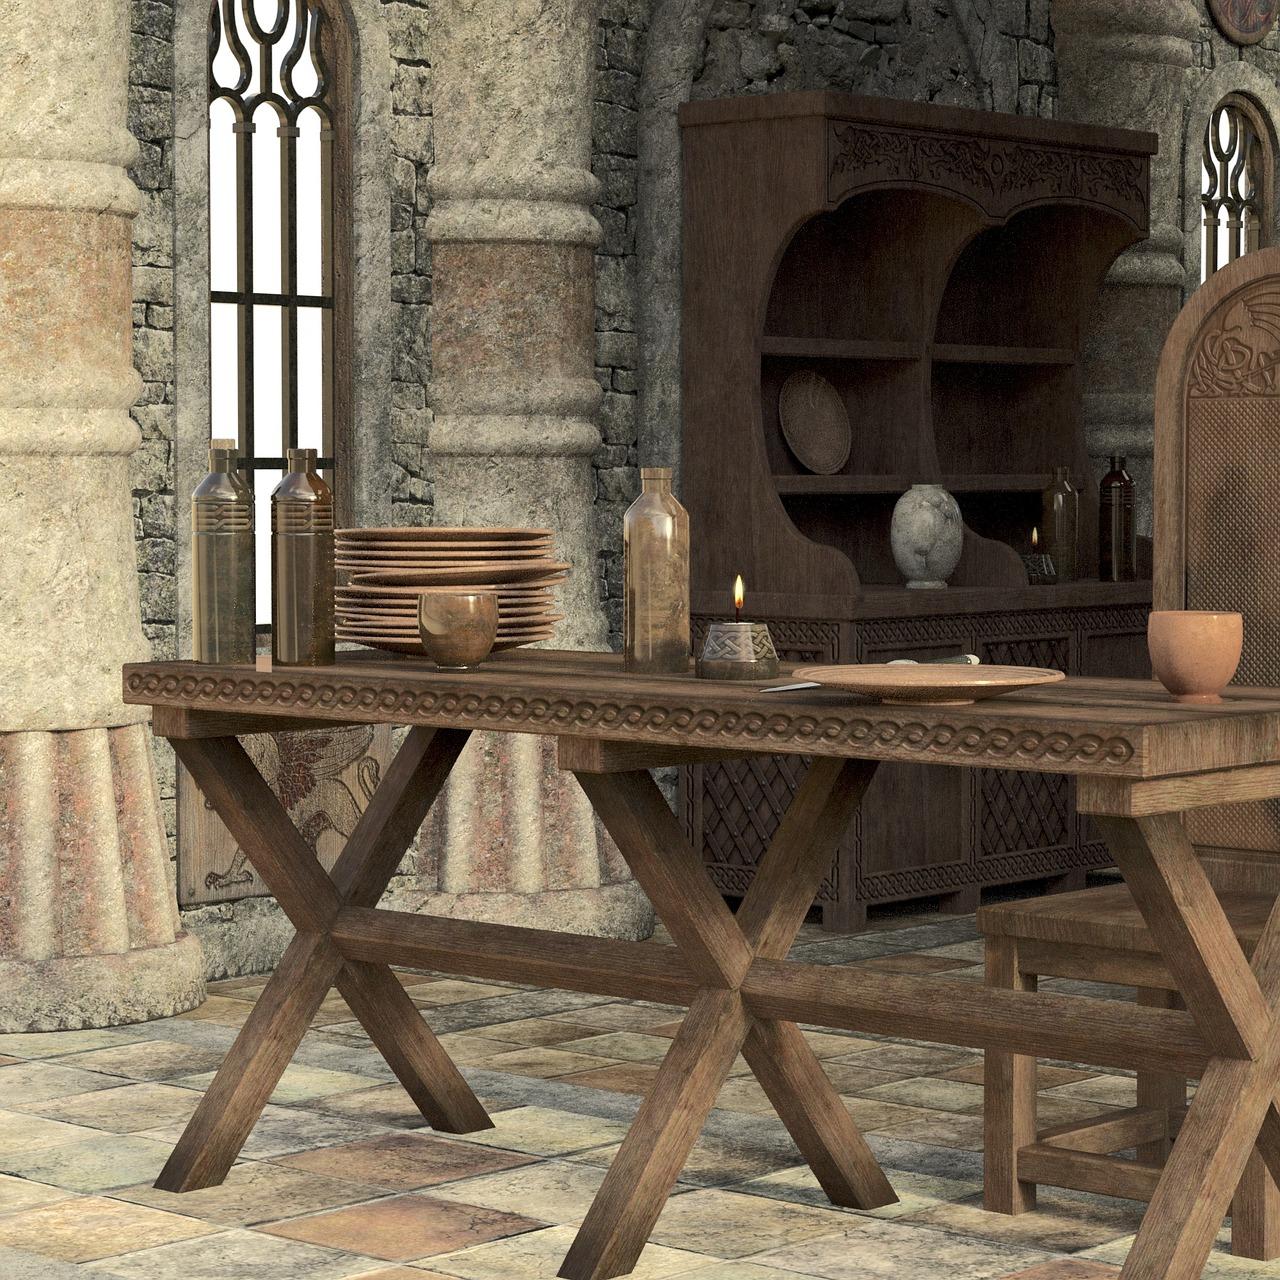 Gusta L Atmosfera Di Una Vera Cena Medievale Alla Corte Dei Principi D Acaja Castello Dei Solaro Il Blog Ufficiale